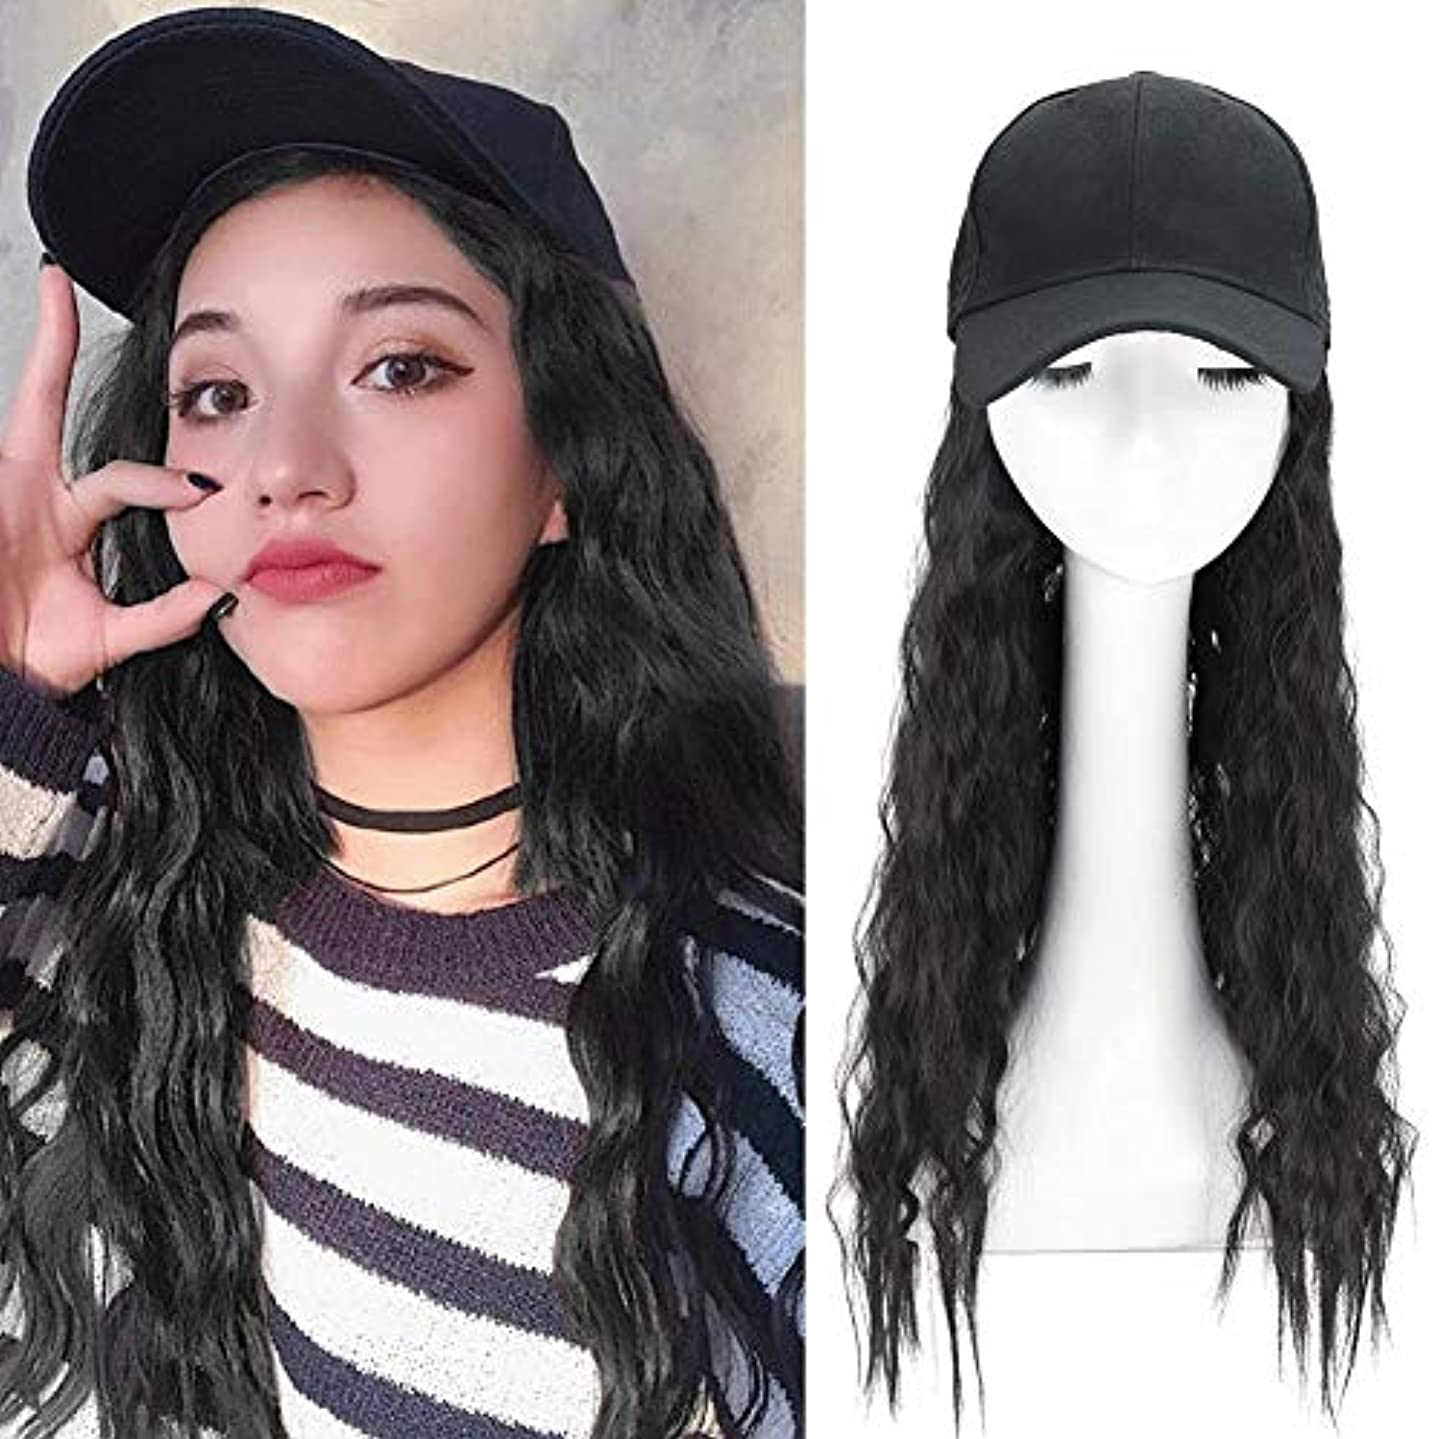 とげドリンク中断長い巻き毛を持つ合成長波野球帽合成毛を持つ波状かつらキャップ女の子のための髪を持つ調整可能な野球帽帽子